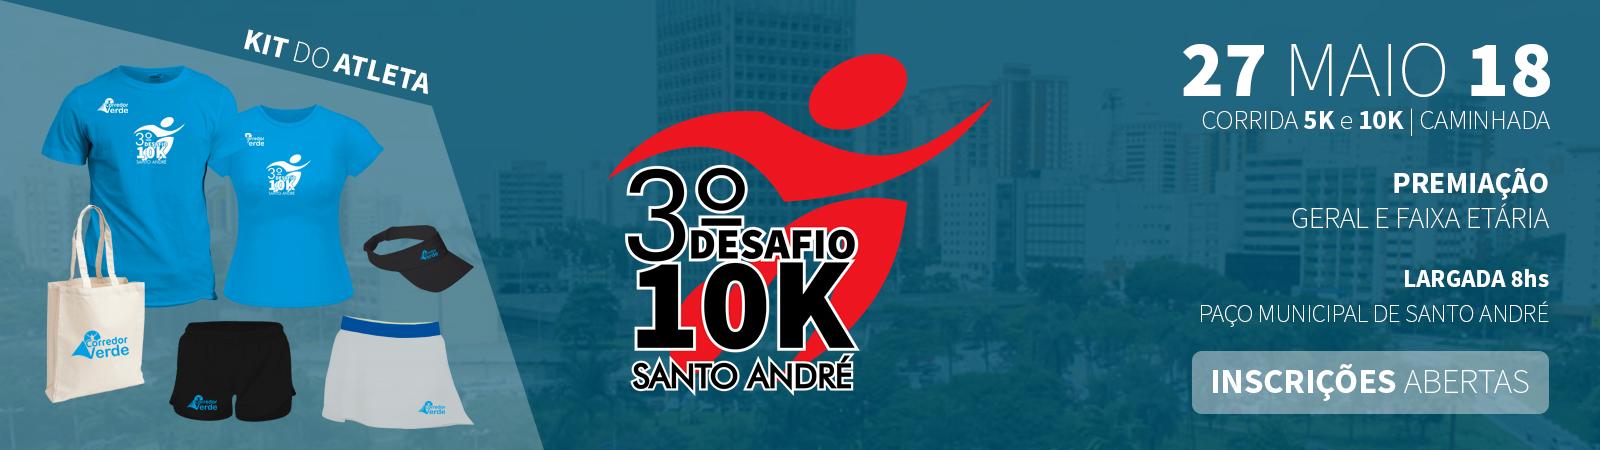 3° Desafio 10k - Santo André